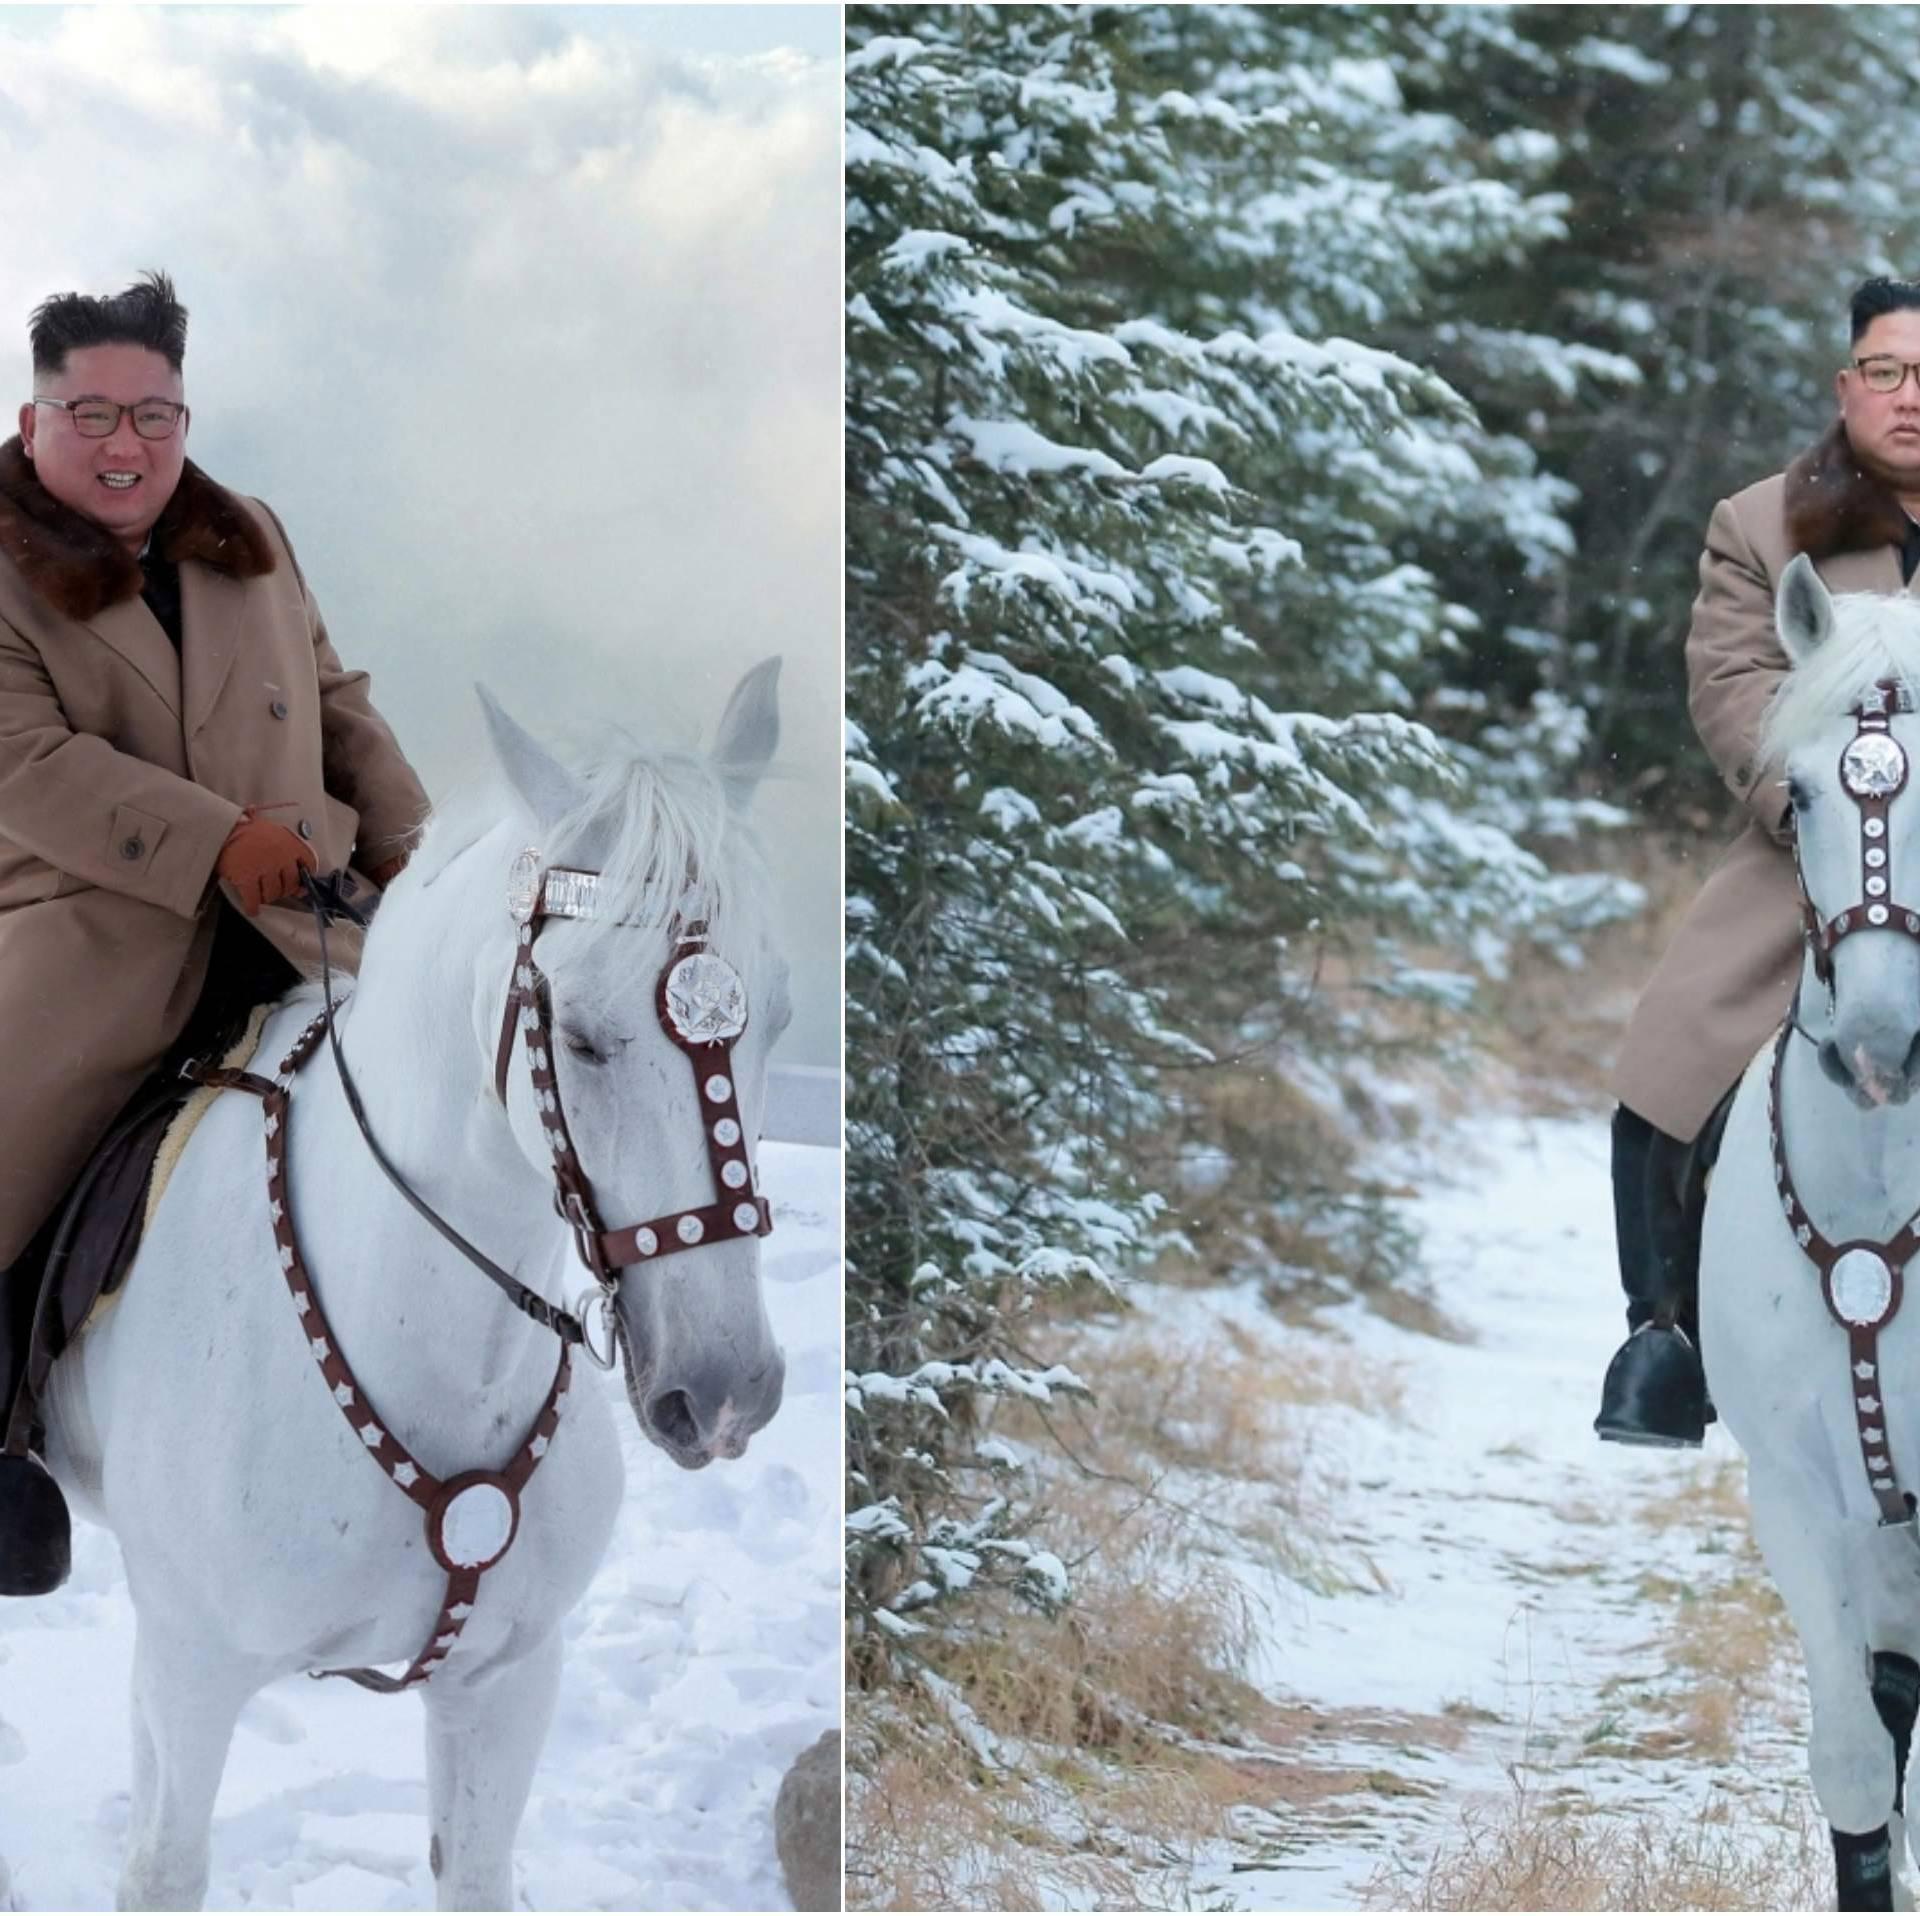 Požurite konji bijeli: Kim Jong Un jaše konja svetom planinom